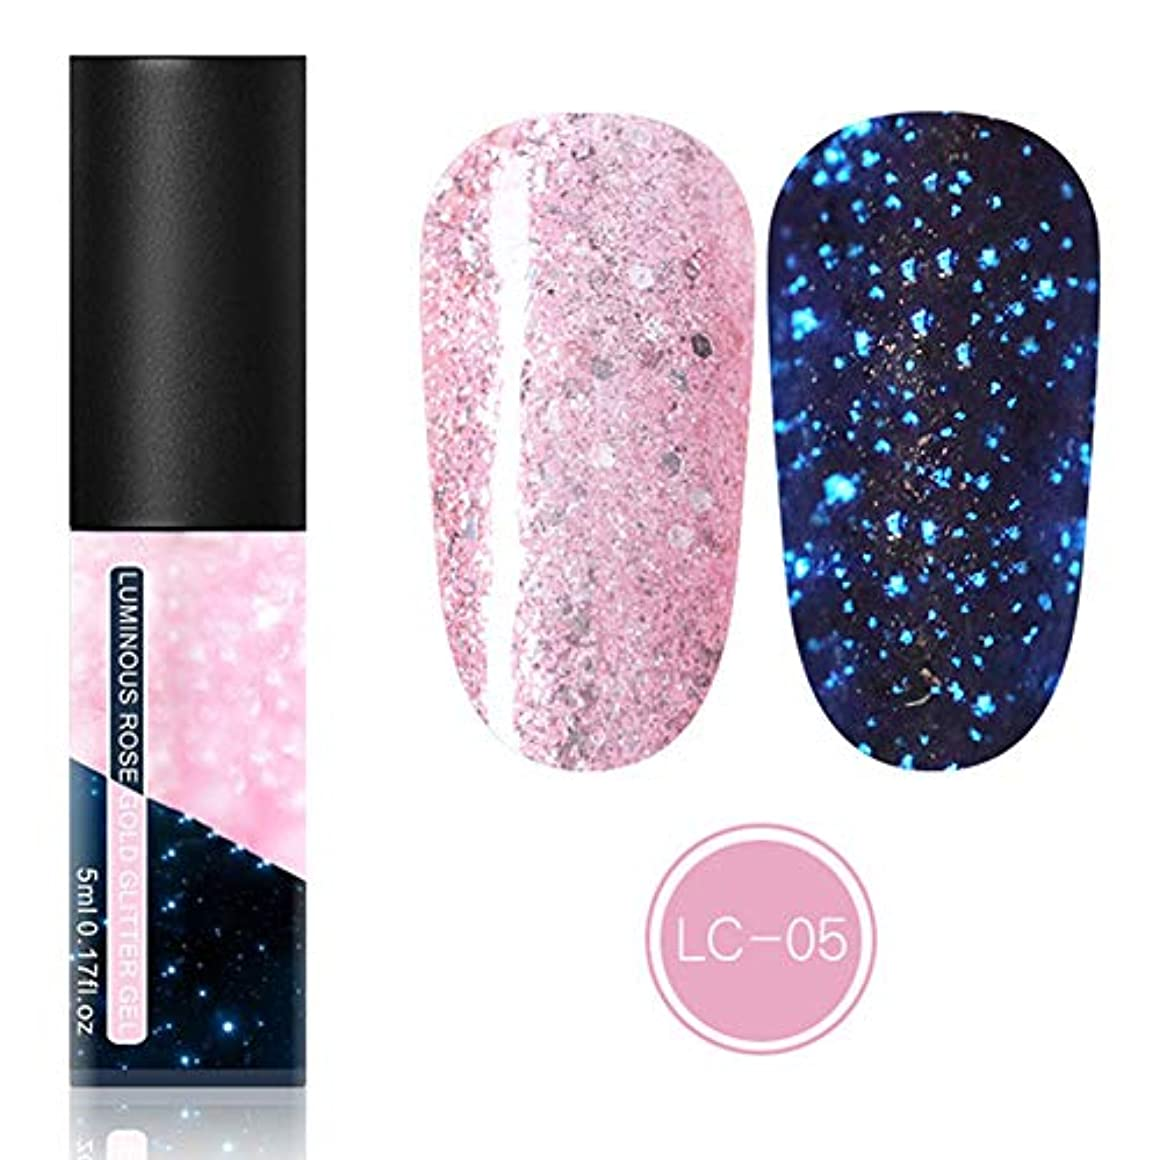 応じる侵略規範feelingood Gel Nail Polish,Fluorescent Gel Nail Polish Glow in Dark Nail Enamel Varnish Gel Manicure Supply